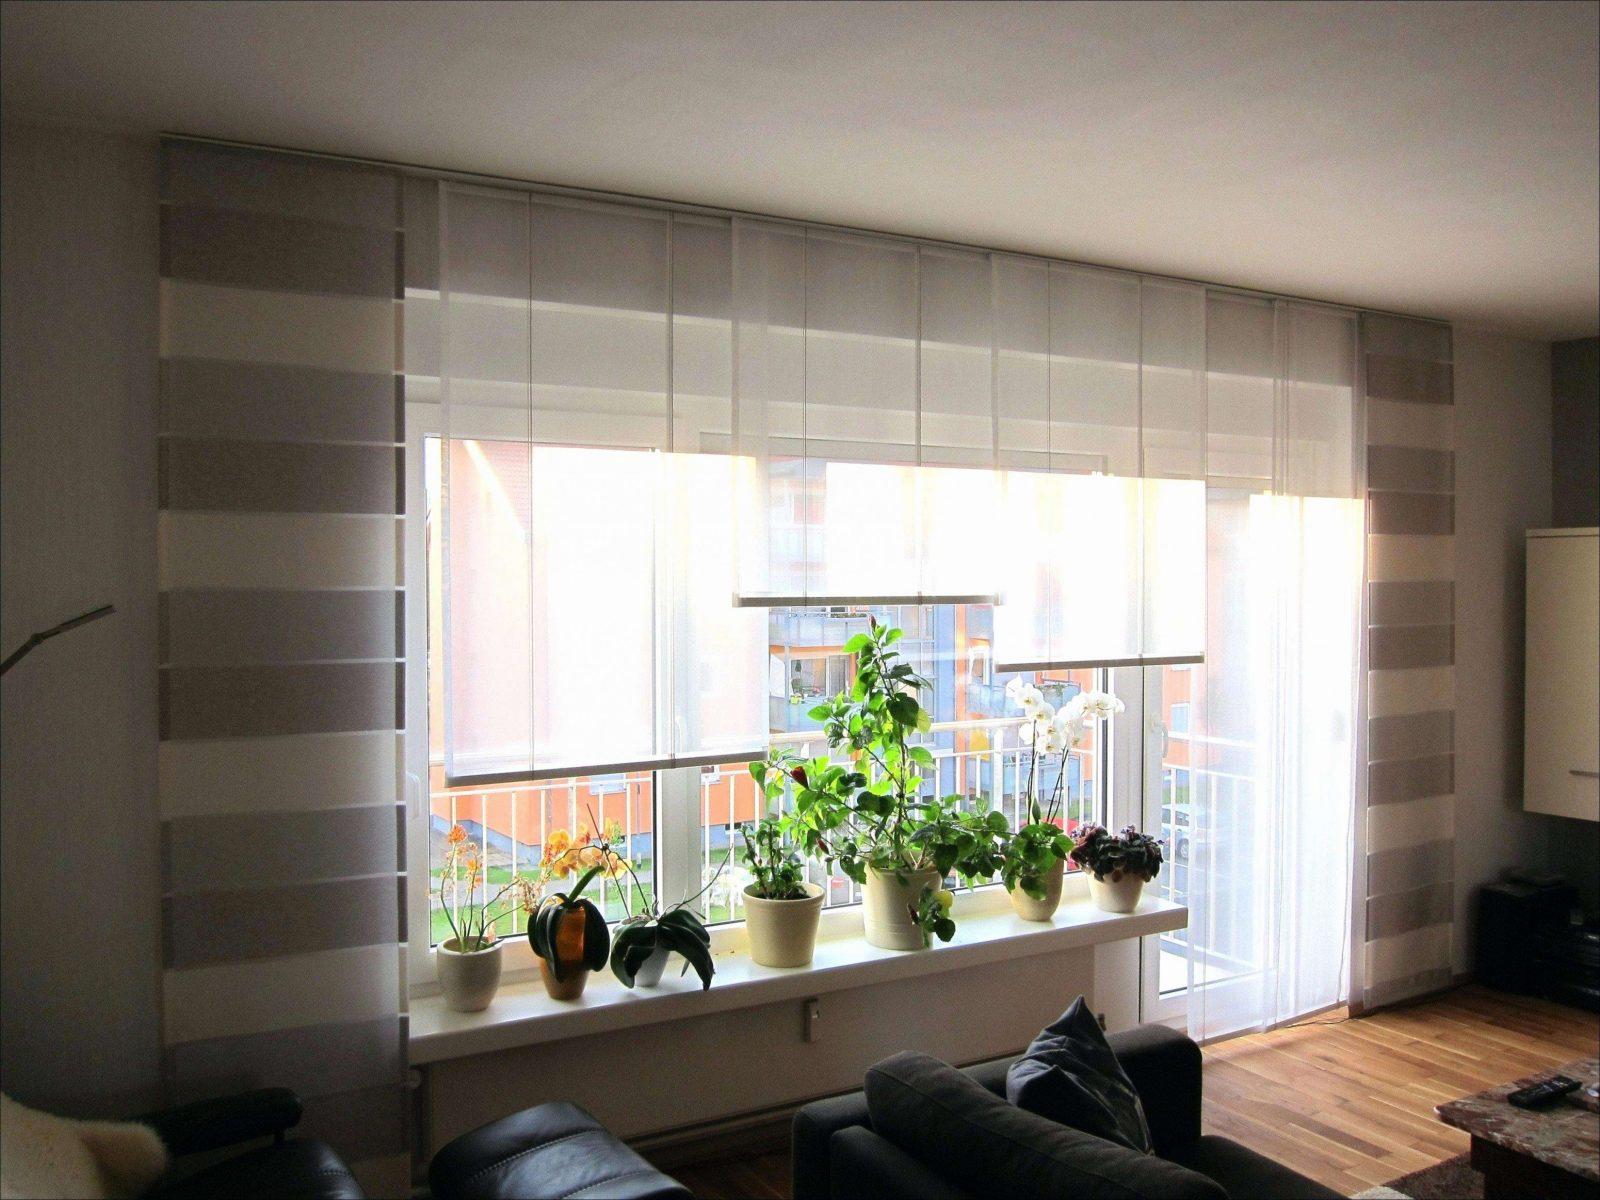 Gardinen Für Wohnzimmer Mit Balkontür Schön Fenster Vorhänge Kurz von Gardinen Fenster Und Balkontür Bild